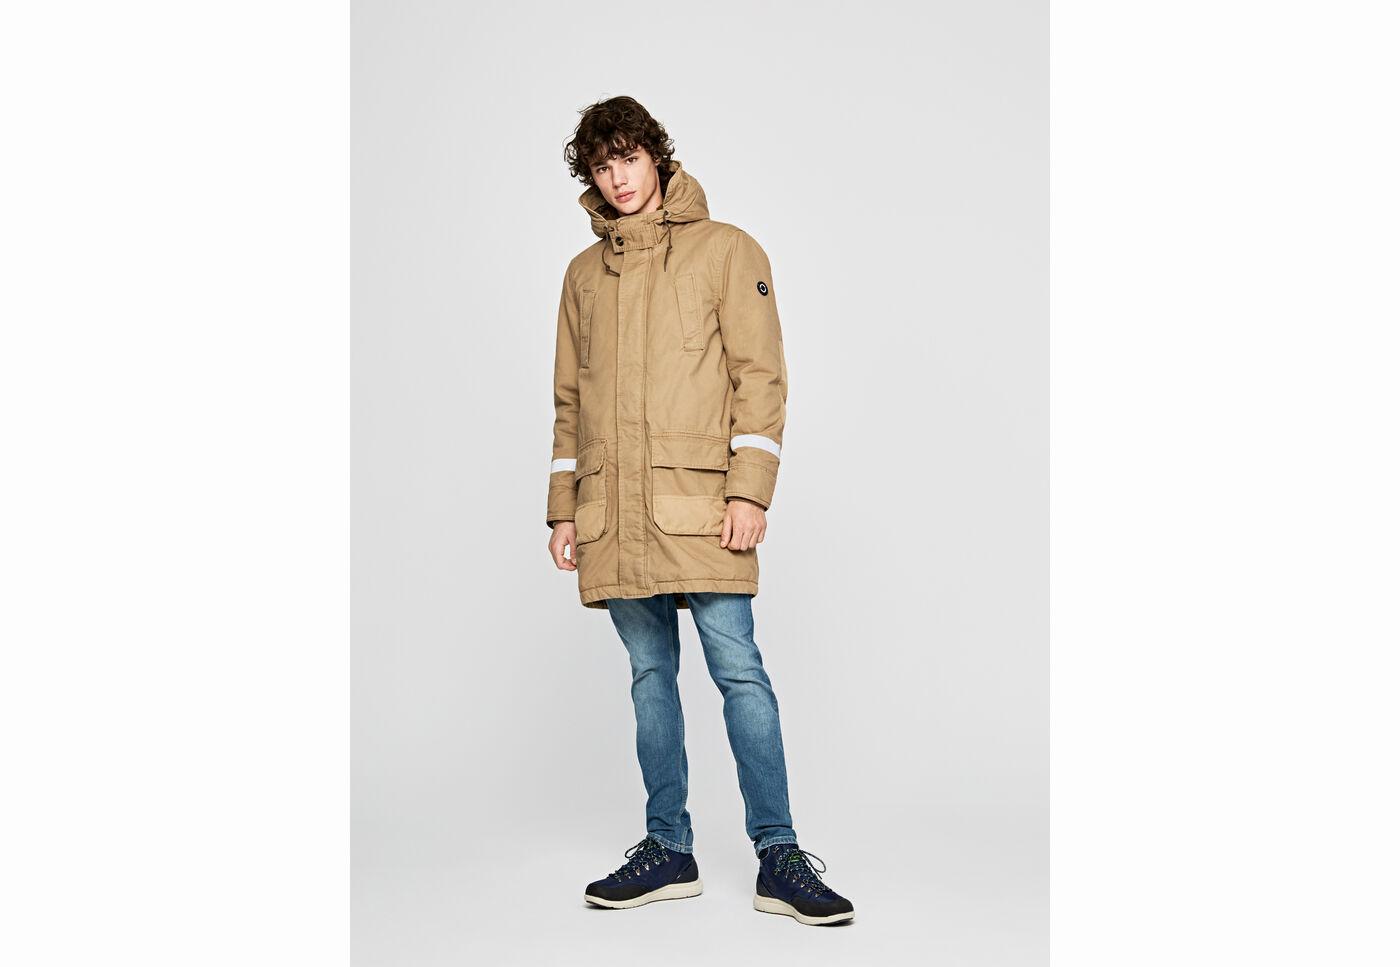 hot sales 8943c 12ce8 Novità abbigliamento da uomo   Pepe Jeans London